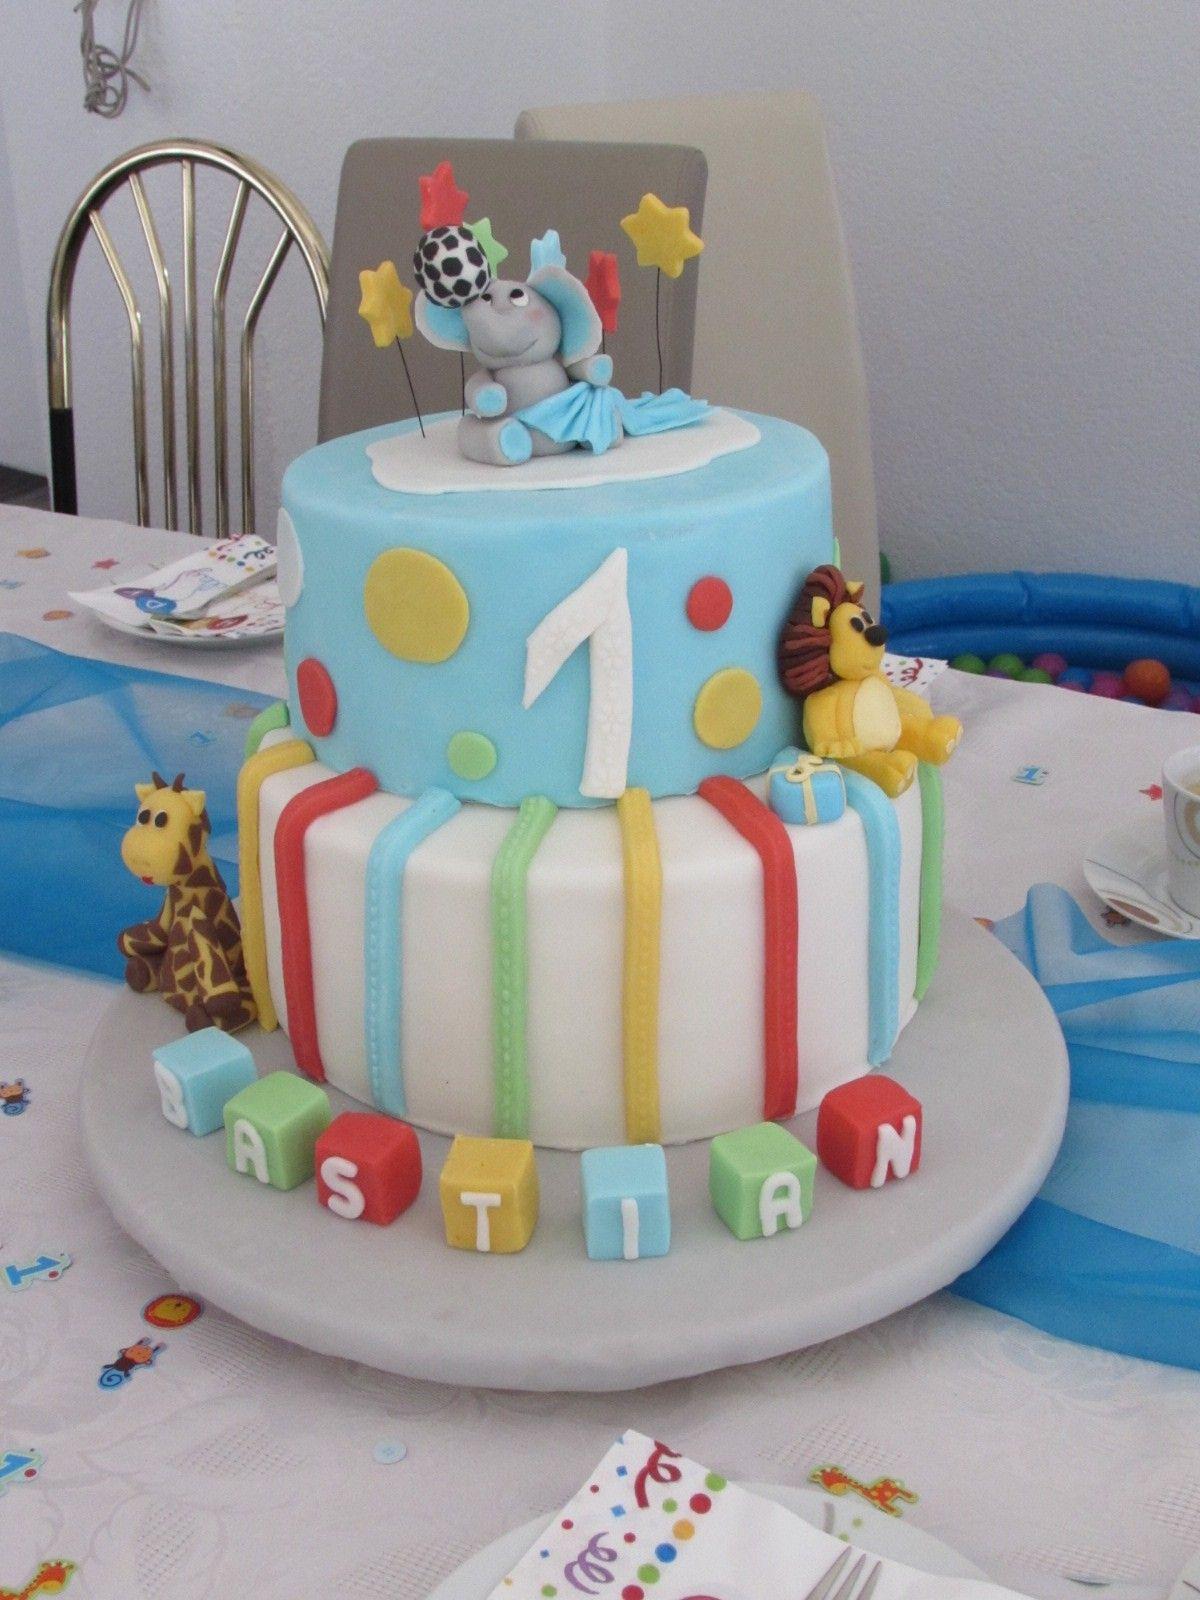 1. Geburtstag Torte Junge Elefant, Giraffe, Löwe (Mit für Geburtstagskuchen Zum 1 Geburtstag